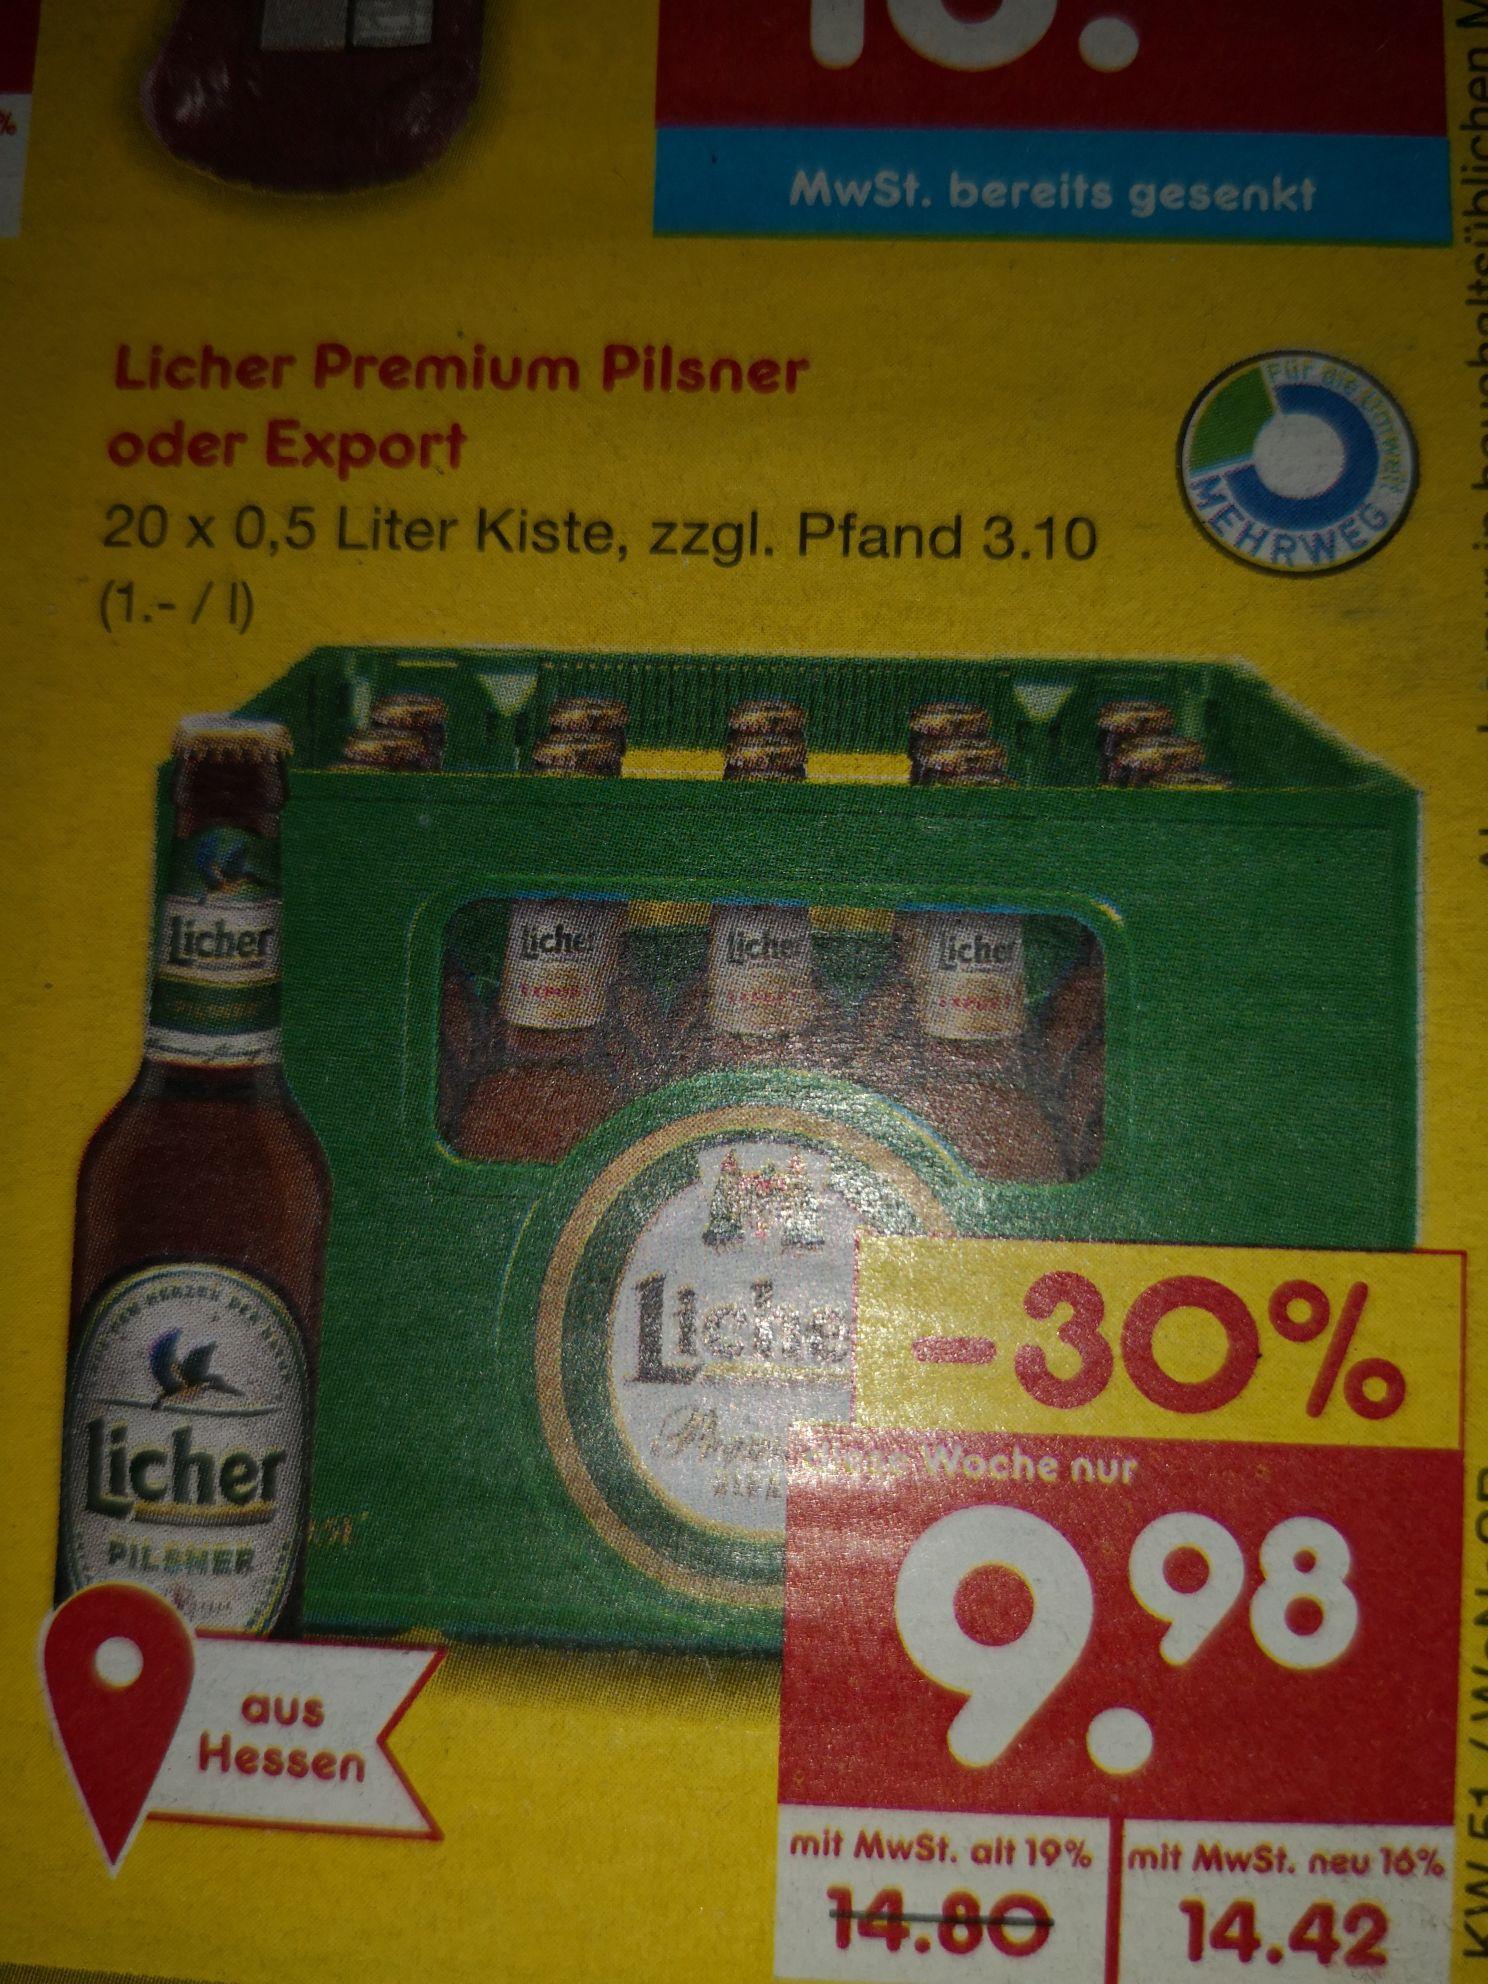 Netto MD Licher Bier 20x0,5 Liter Kiste 9,98